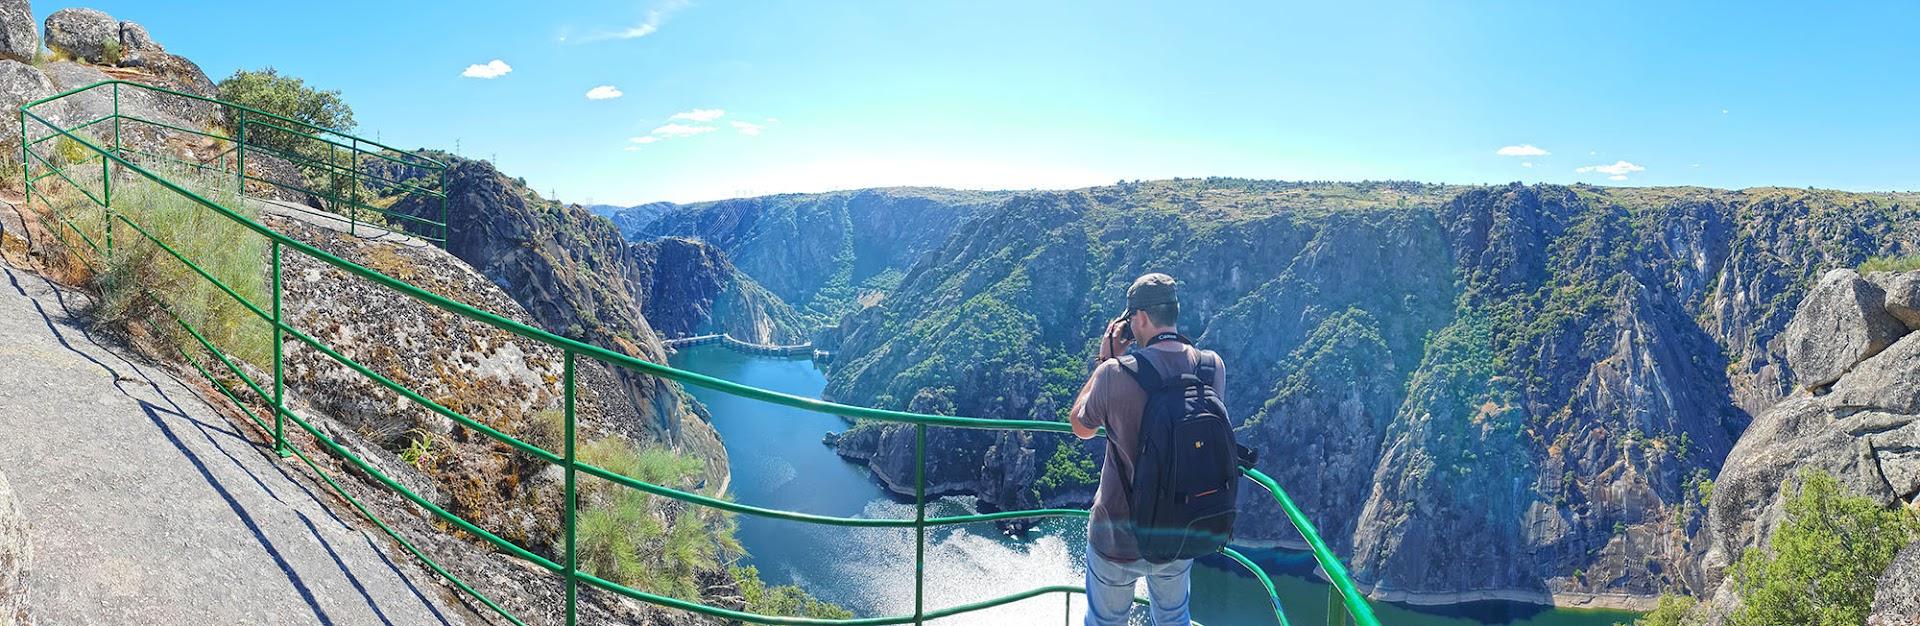 ARRIBAS DEL DUERO - ESPANHA   Roteiro para visitar o rio e o parque